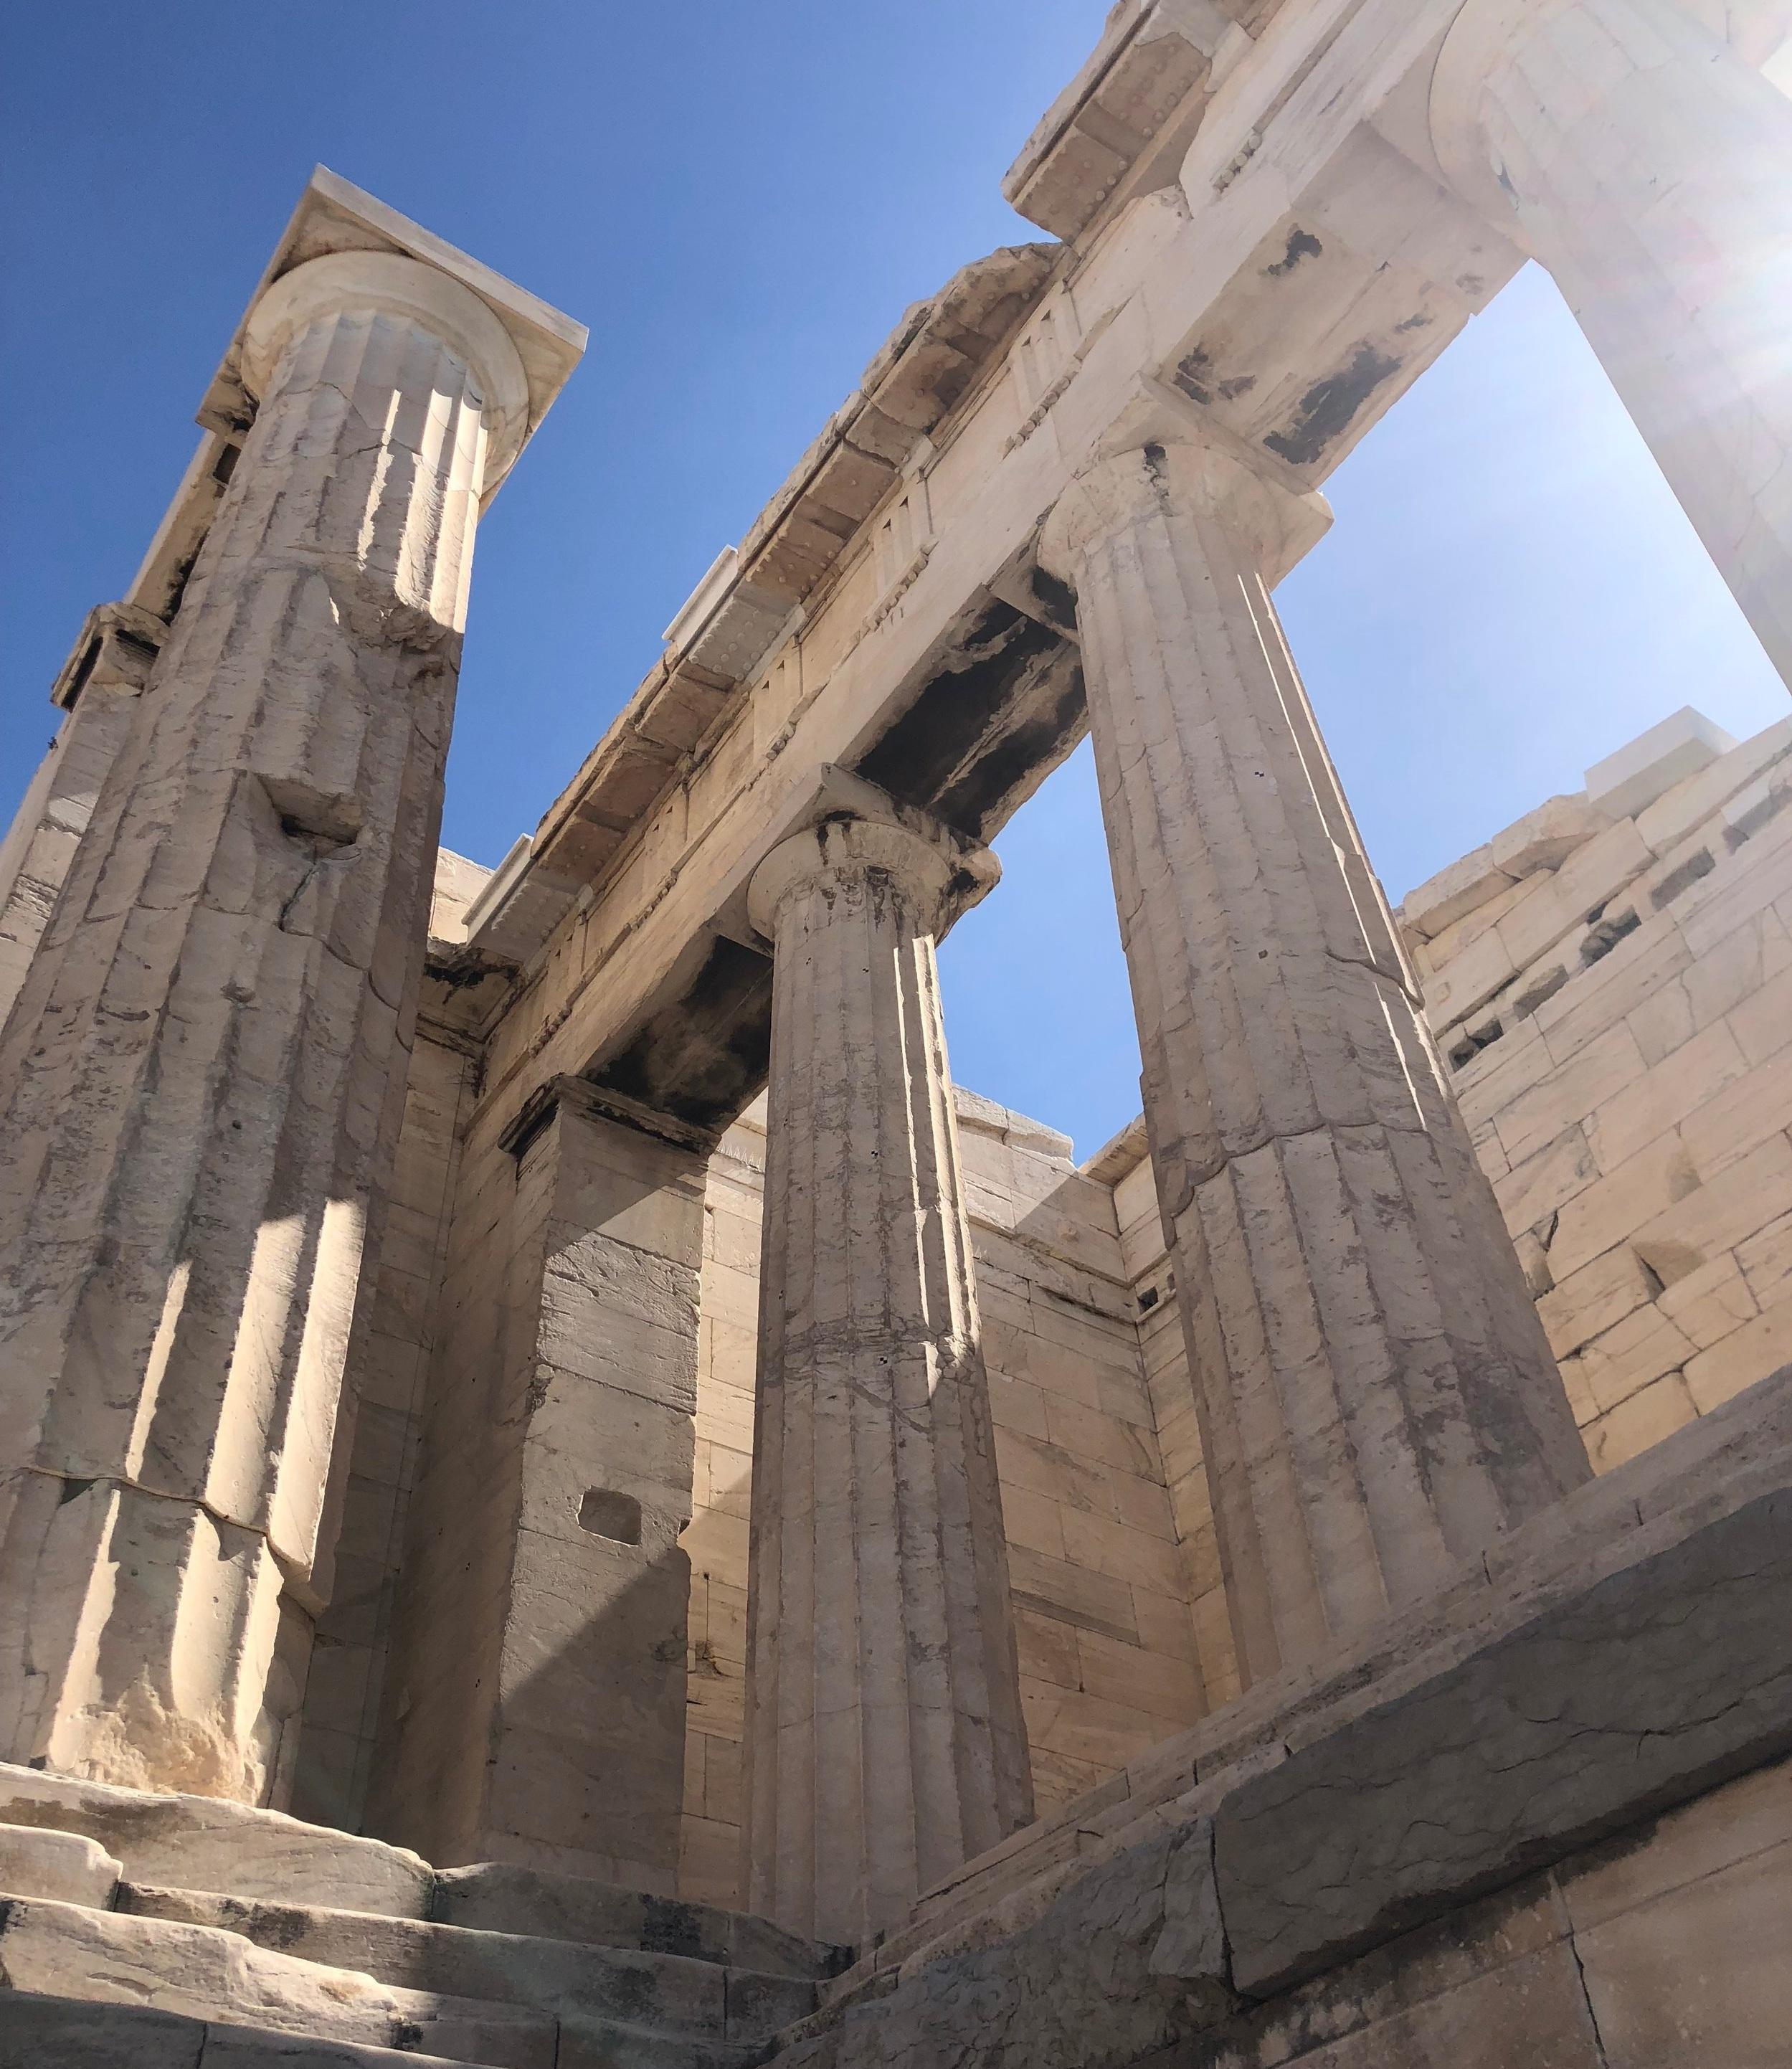 Doric Column Capitals in the Propylaea